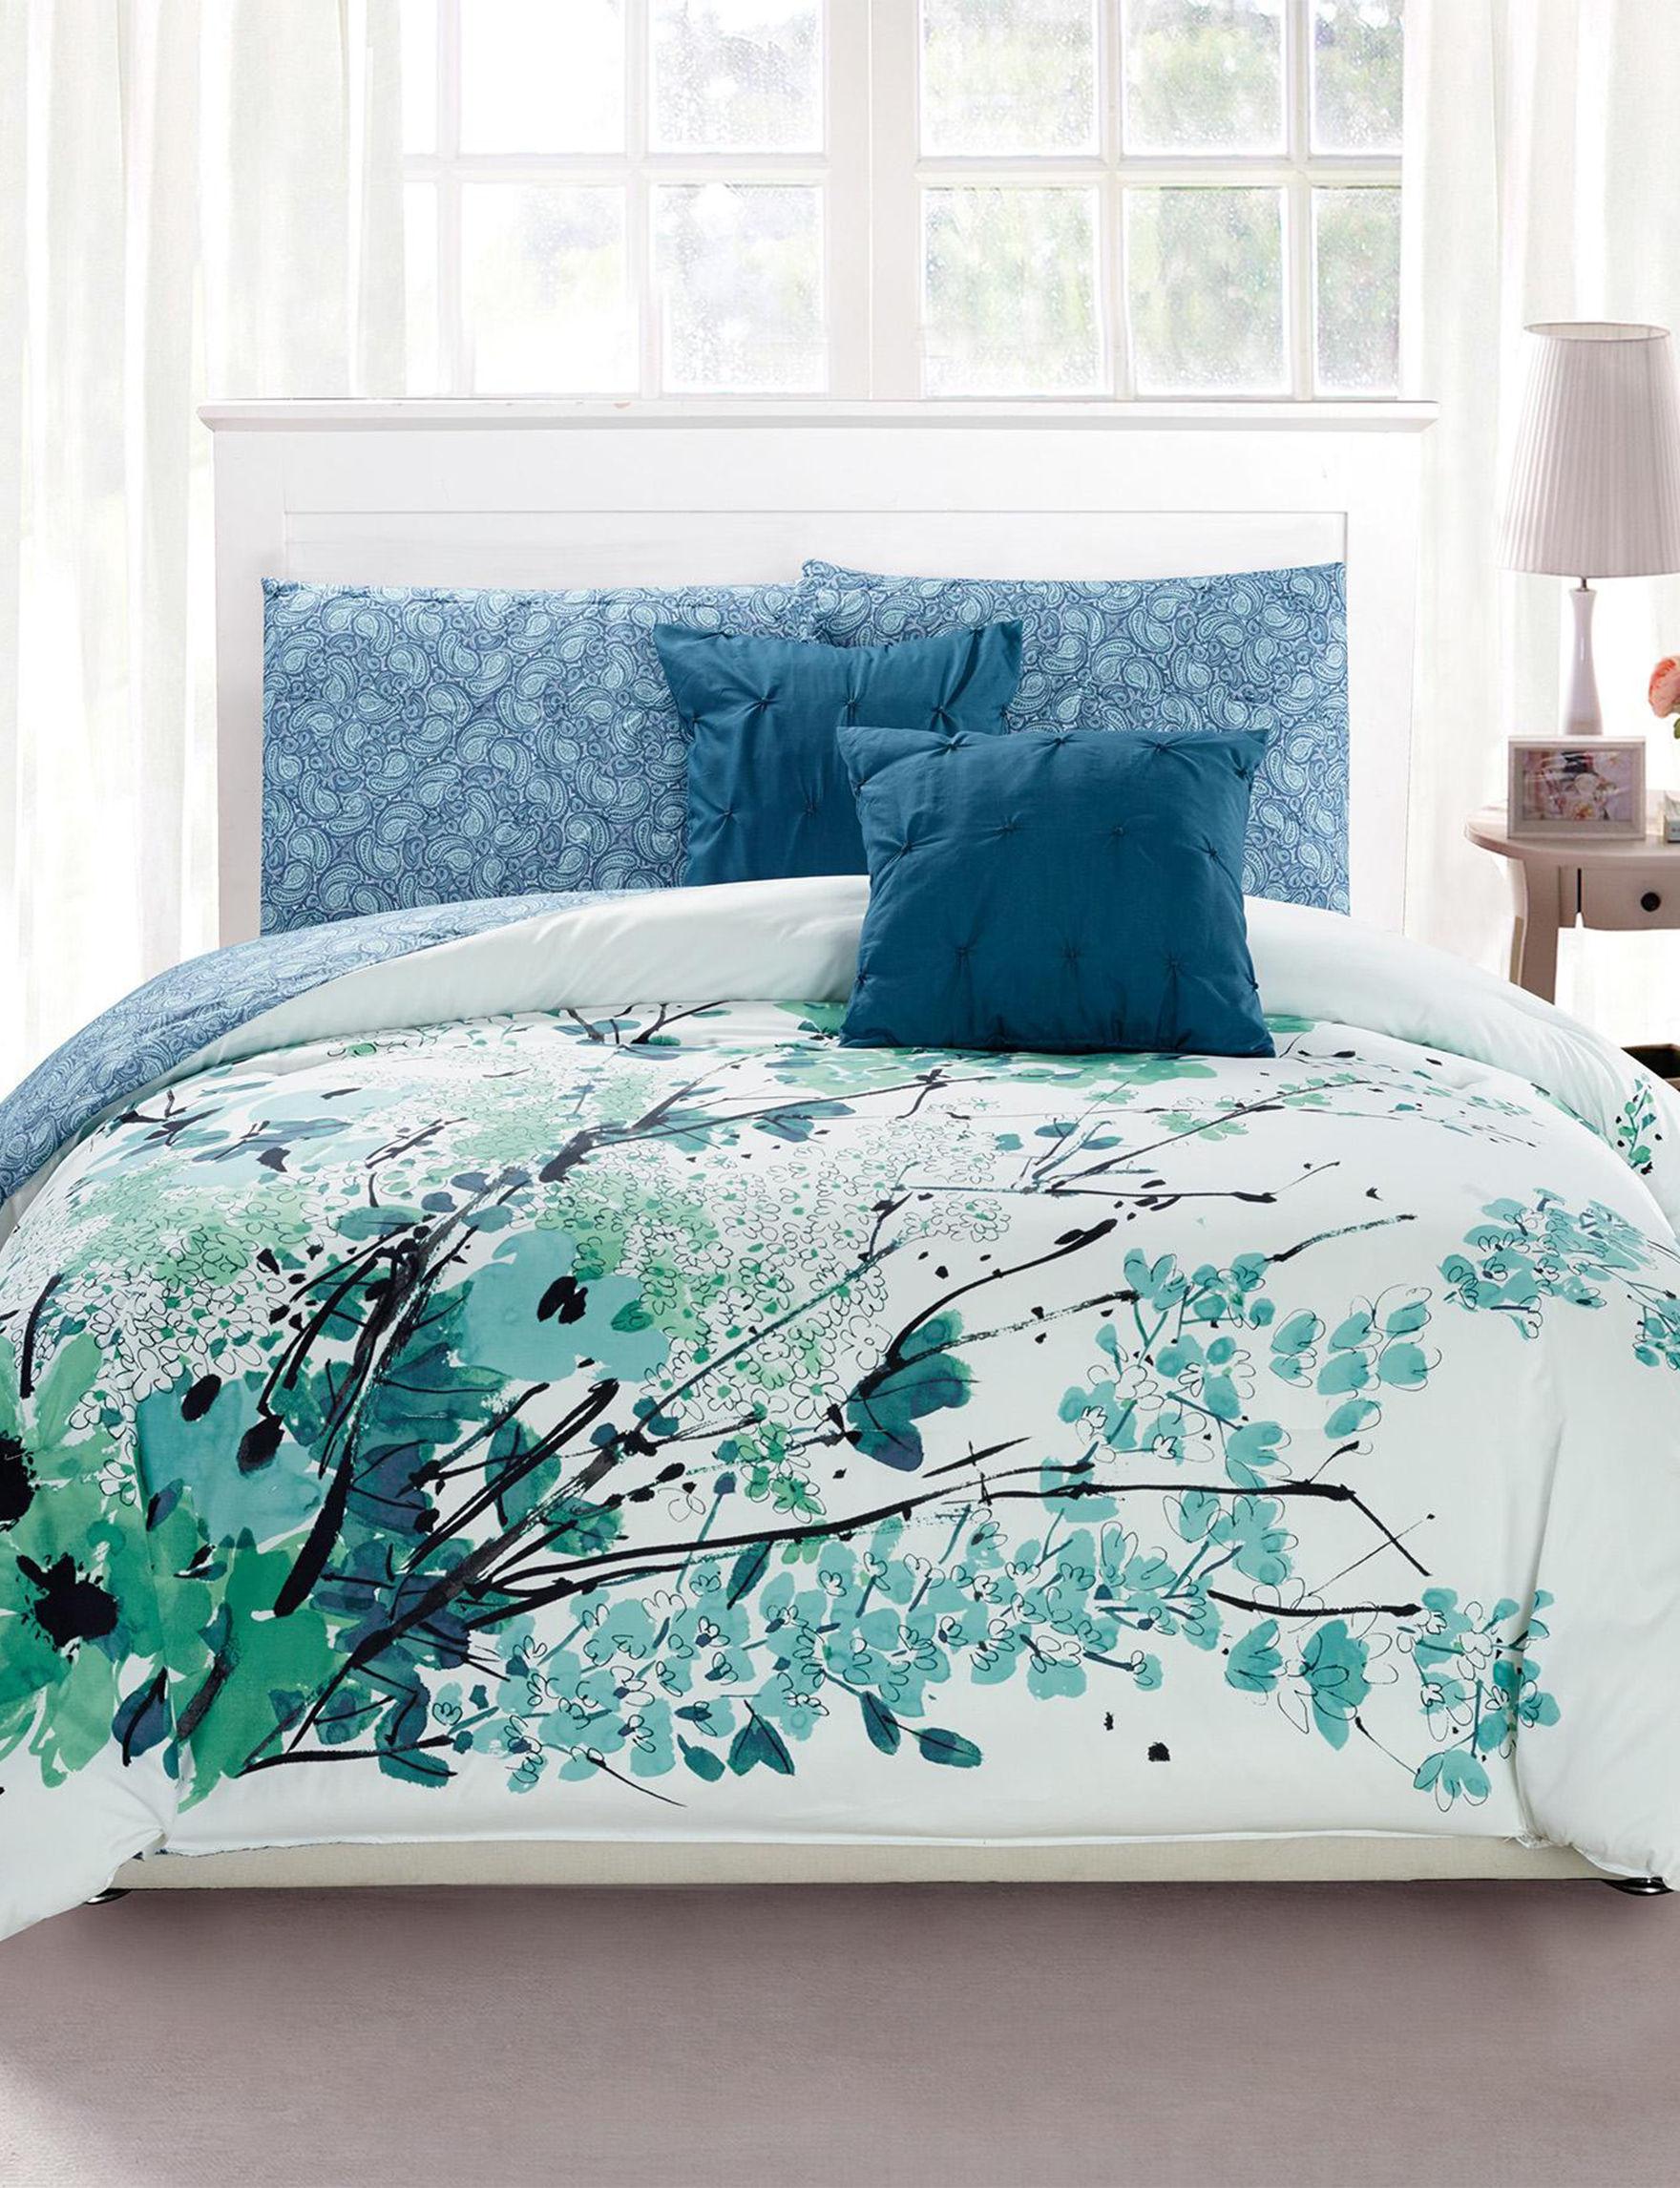 Kensie Blue Comforters & Comforter Sets